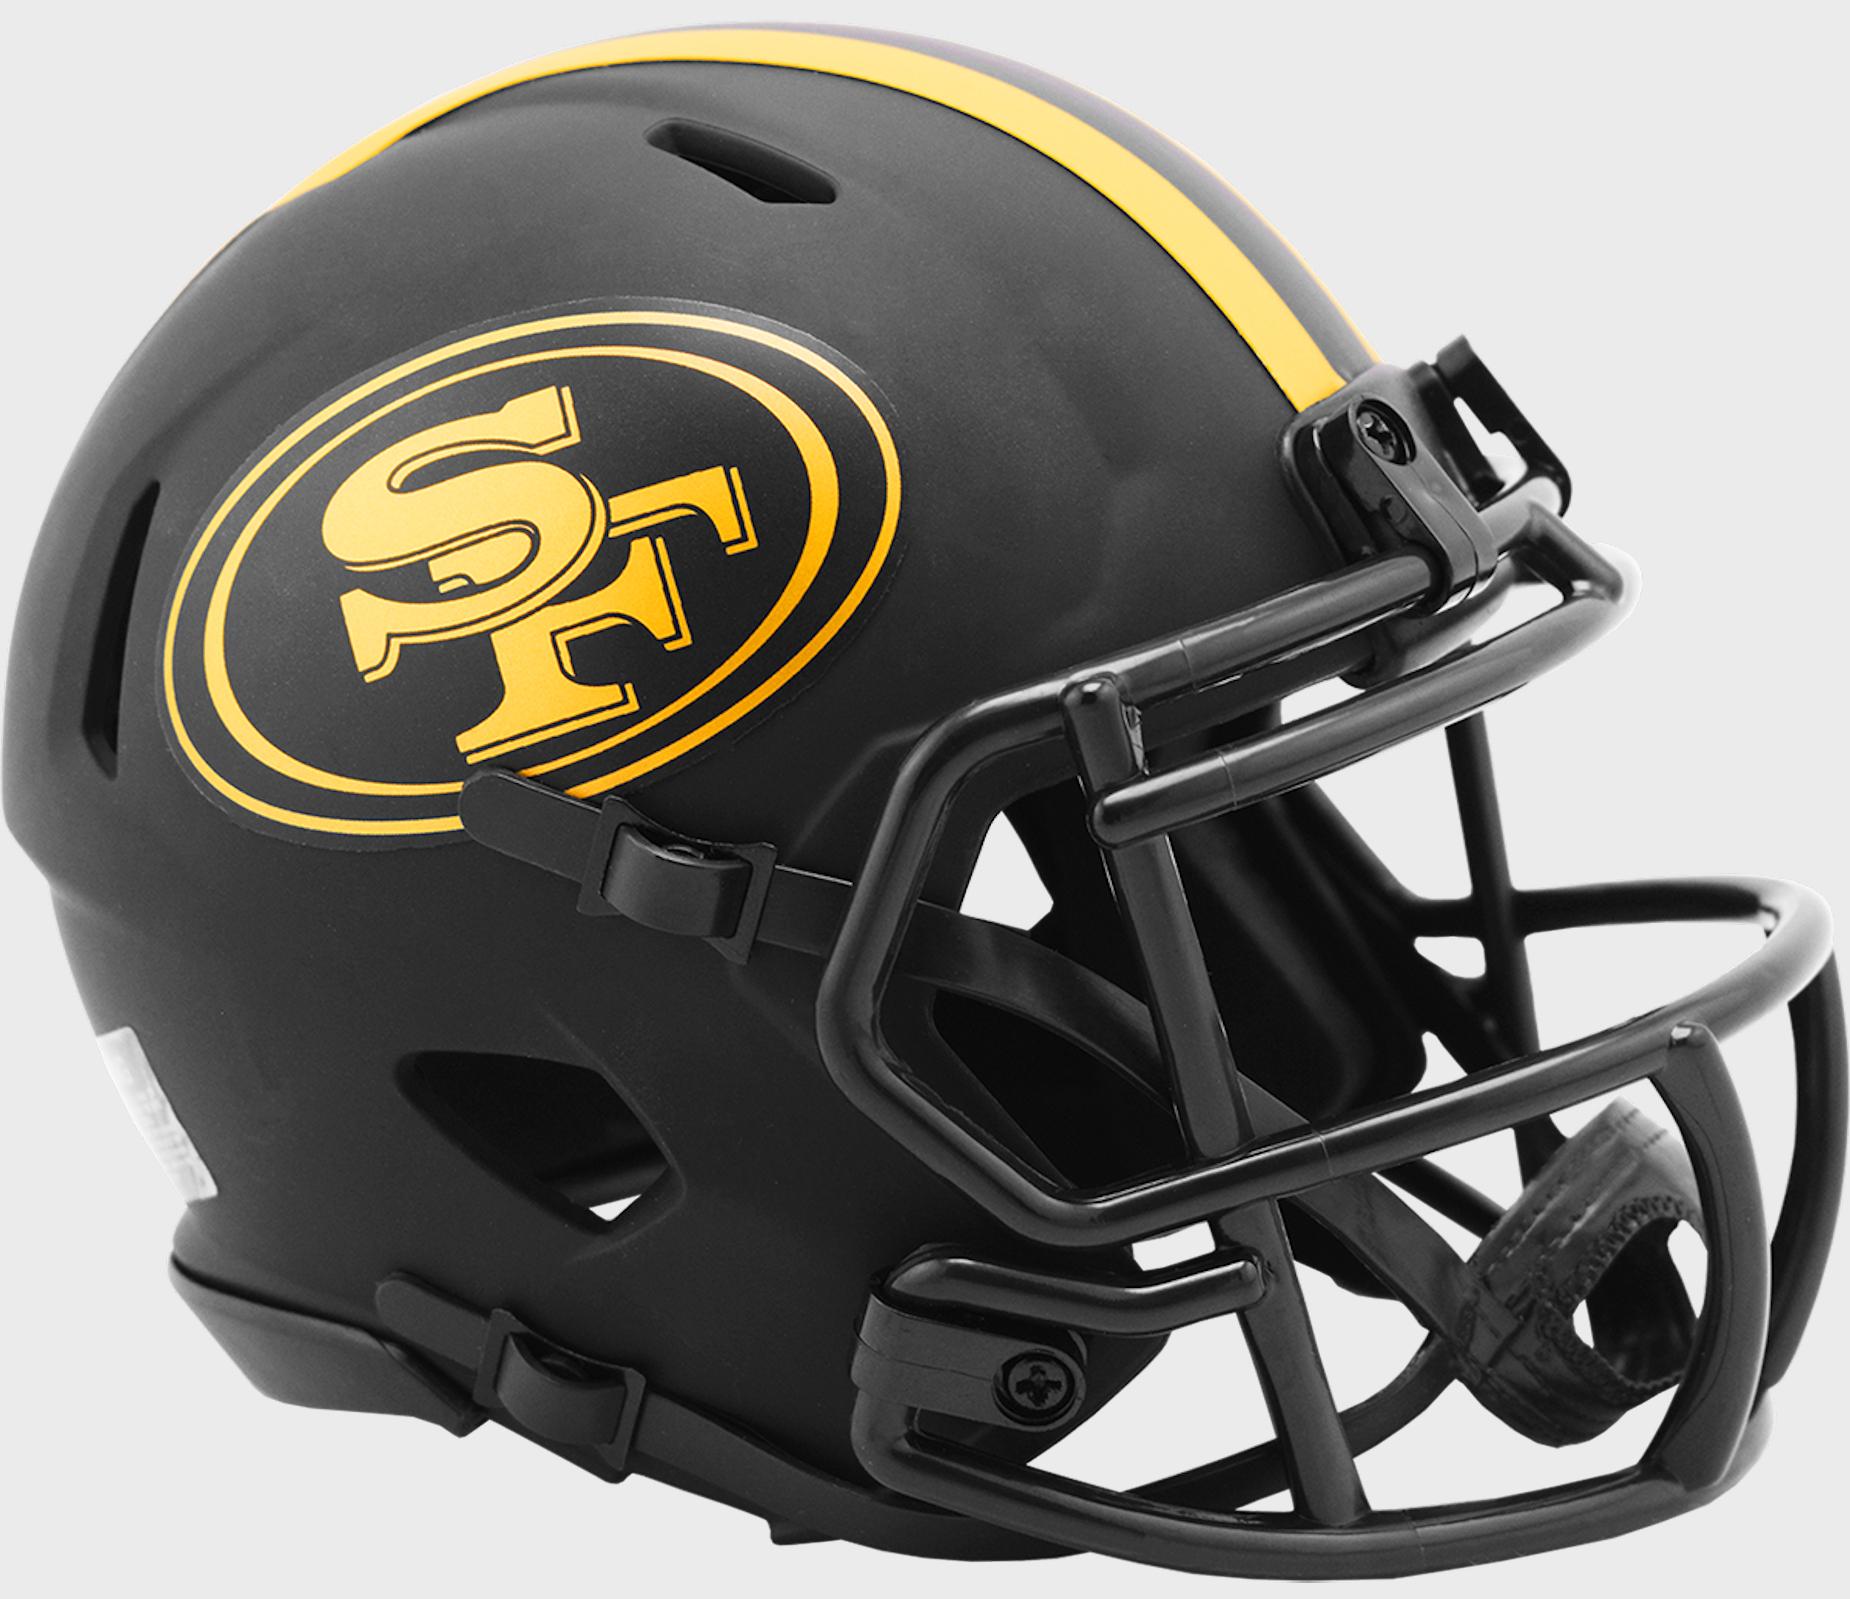 San Francisco 49ers NFL Mini Speed Football Helmet <B>ECLIPSE</B>